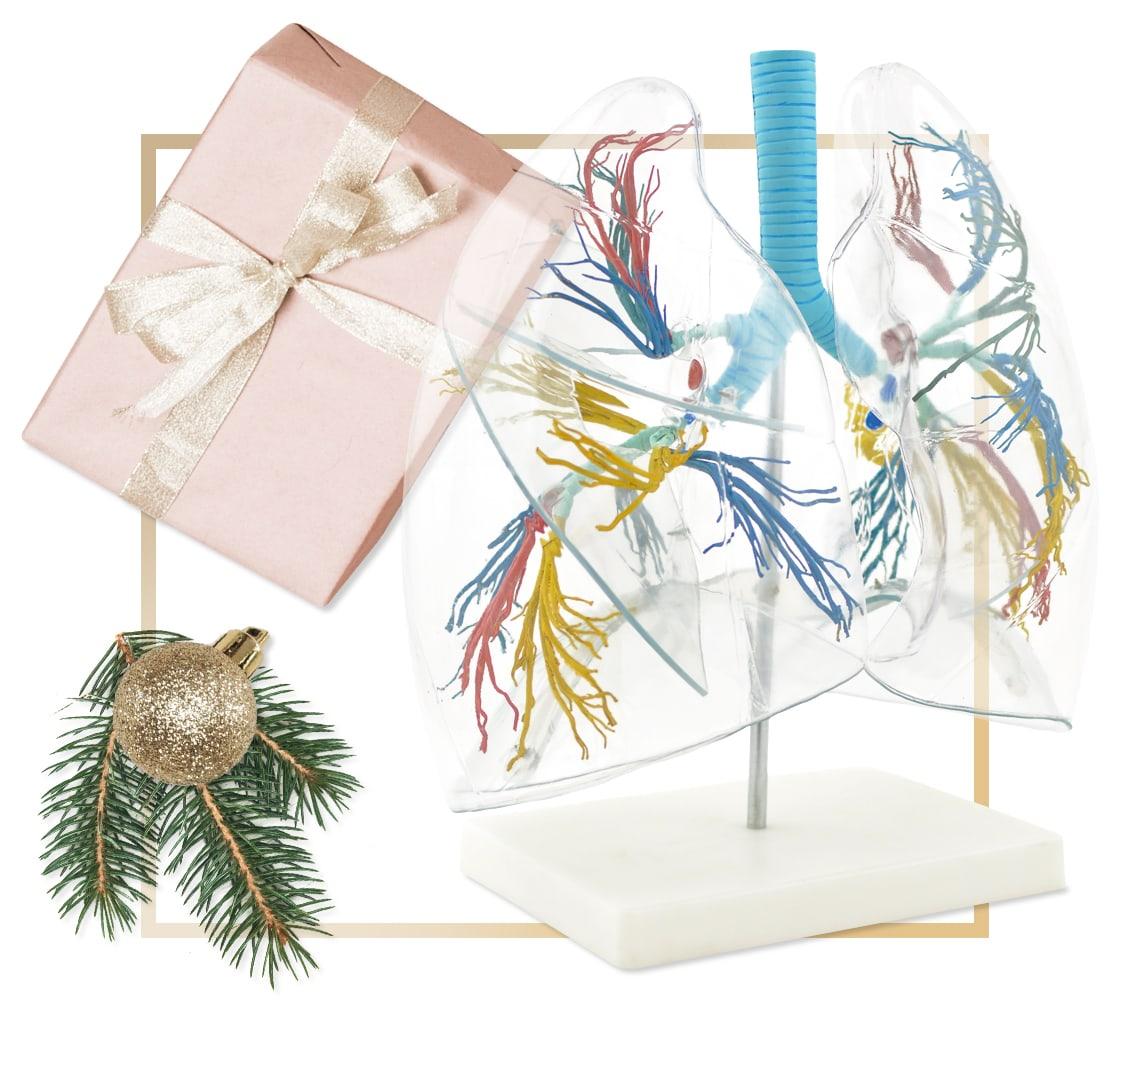 Geschenke für Ärzte, Therapeuten & Medizinstudenten | Praxisdienst